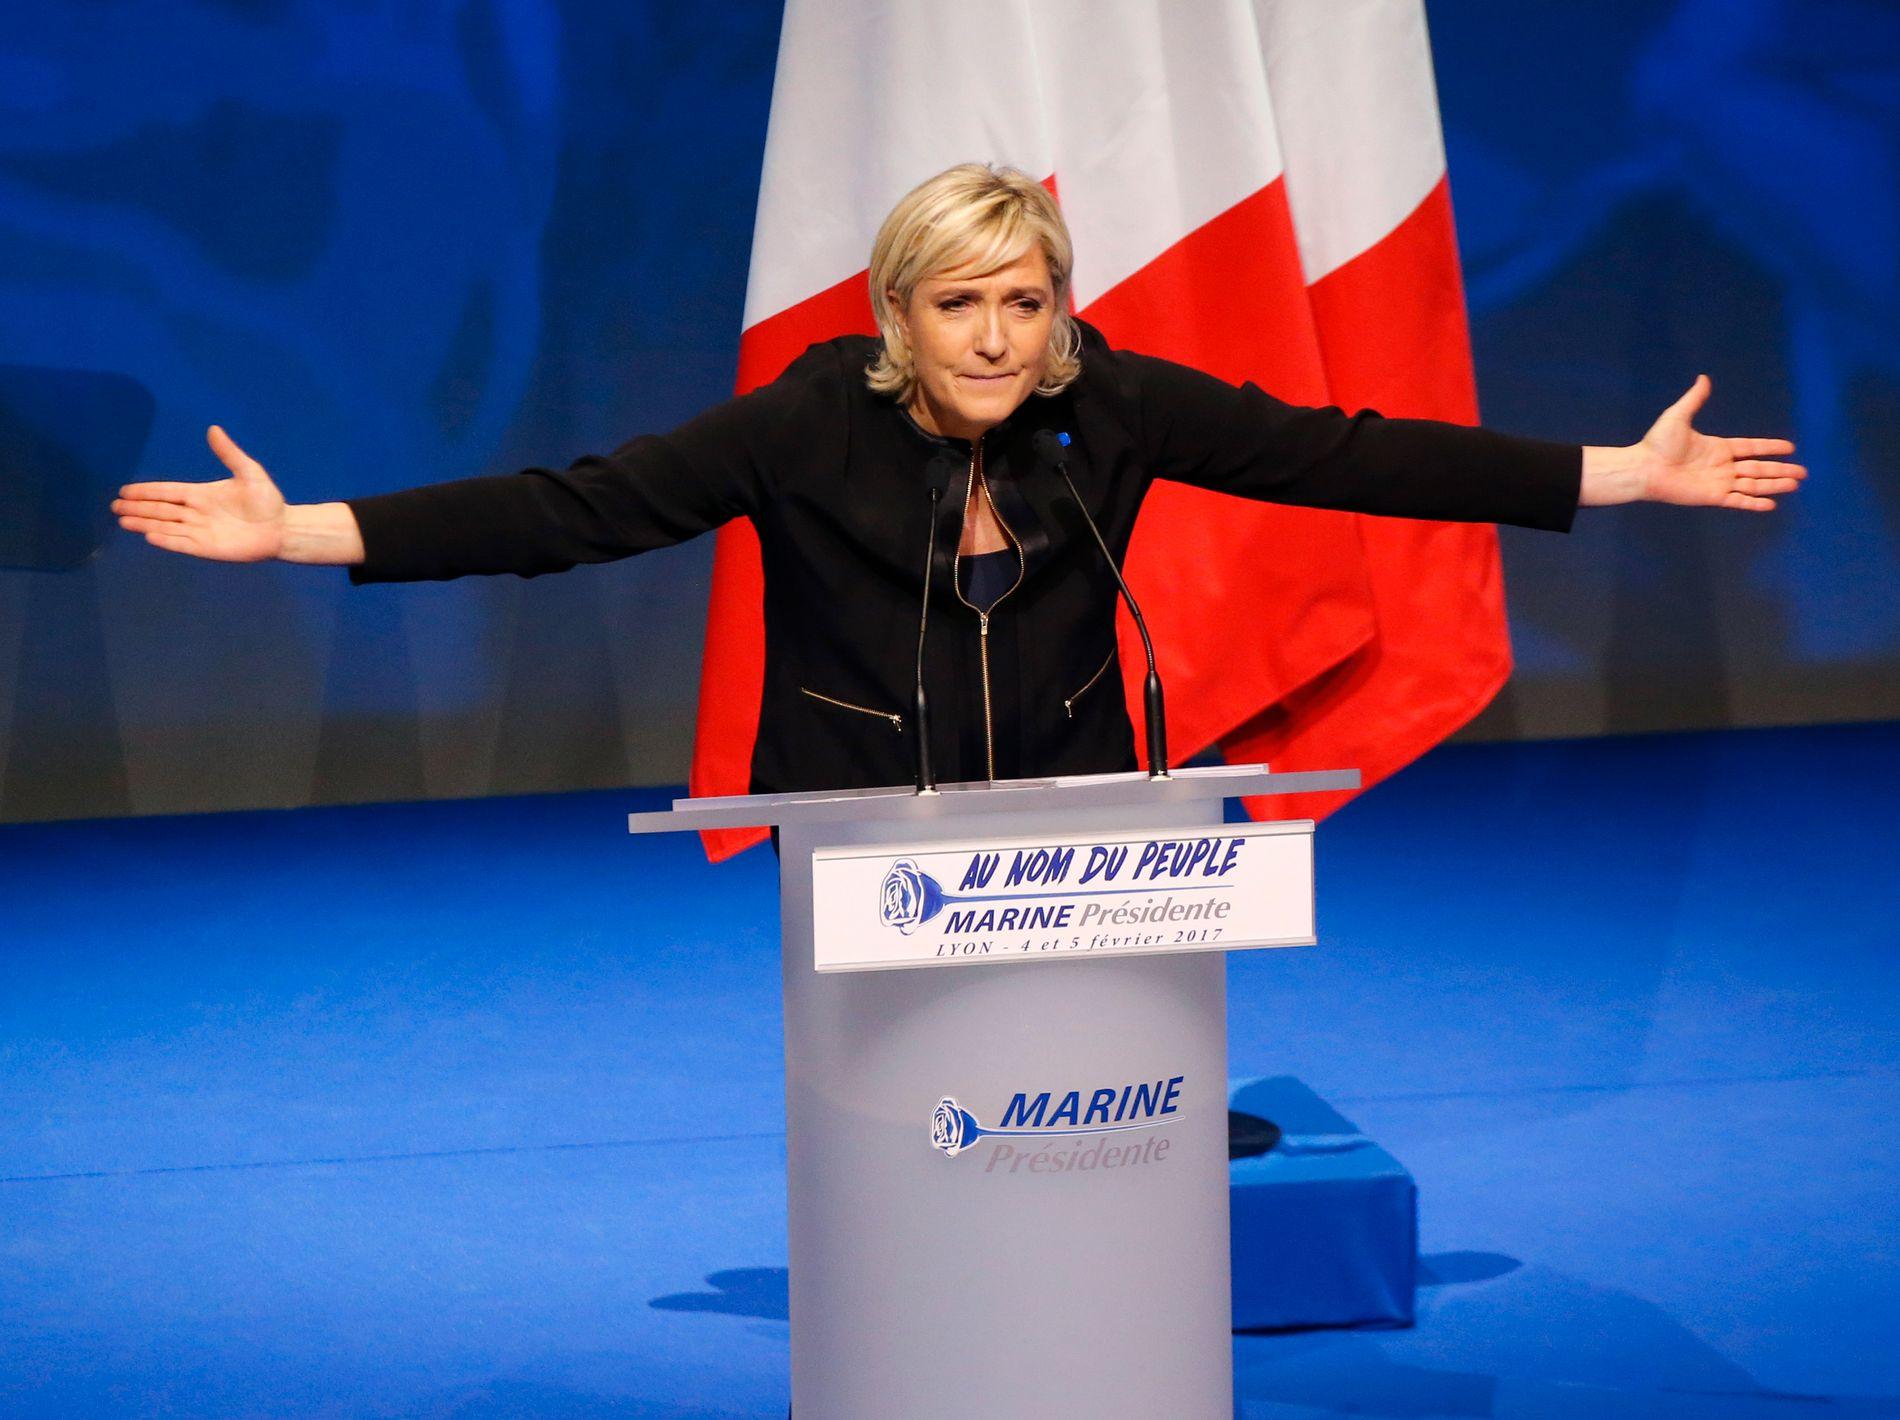 FÅR INVESTORENE TIL Å SKJELVE: Presidentkandidat Marine Le Pen for franske Front National ønsker å trekke Frankrike ut av eurosamarbeidet, og vil ha folkeavstemning om landets EU-medlemskap. Frykten for at kandidaten på ytre høyre skal vinne har ført til høyere rente på franske statsobligasjoner.